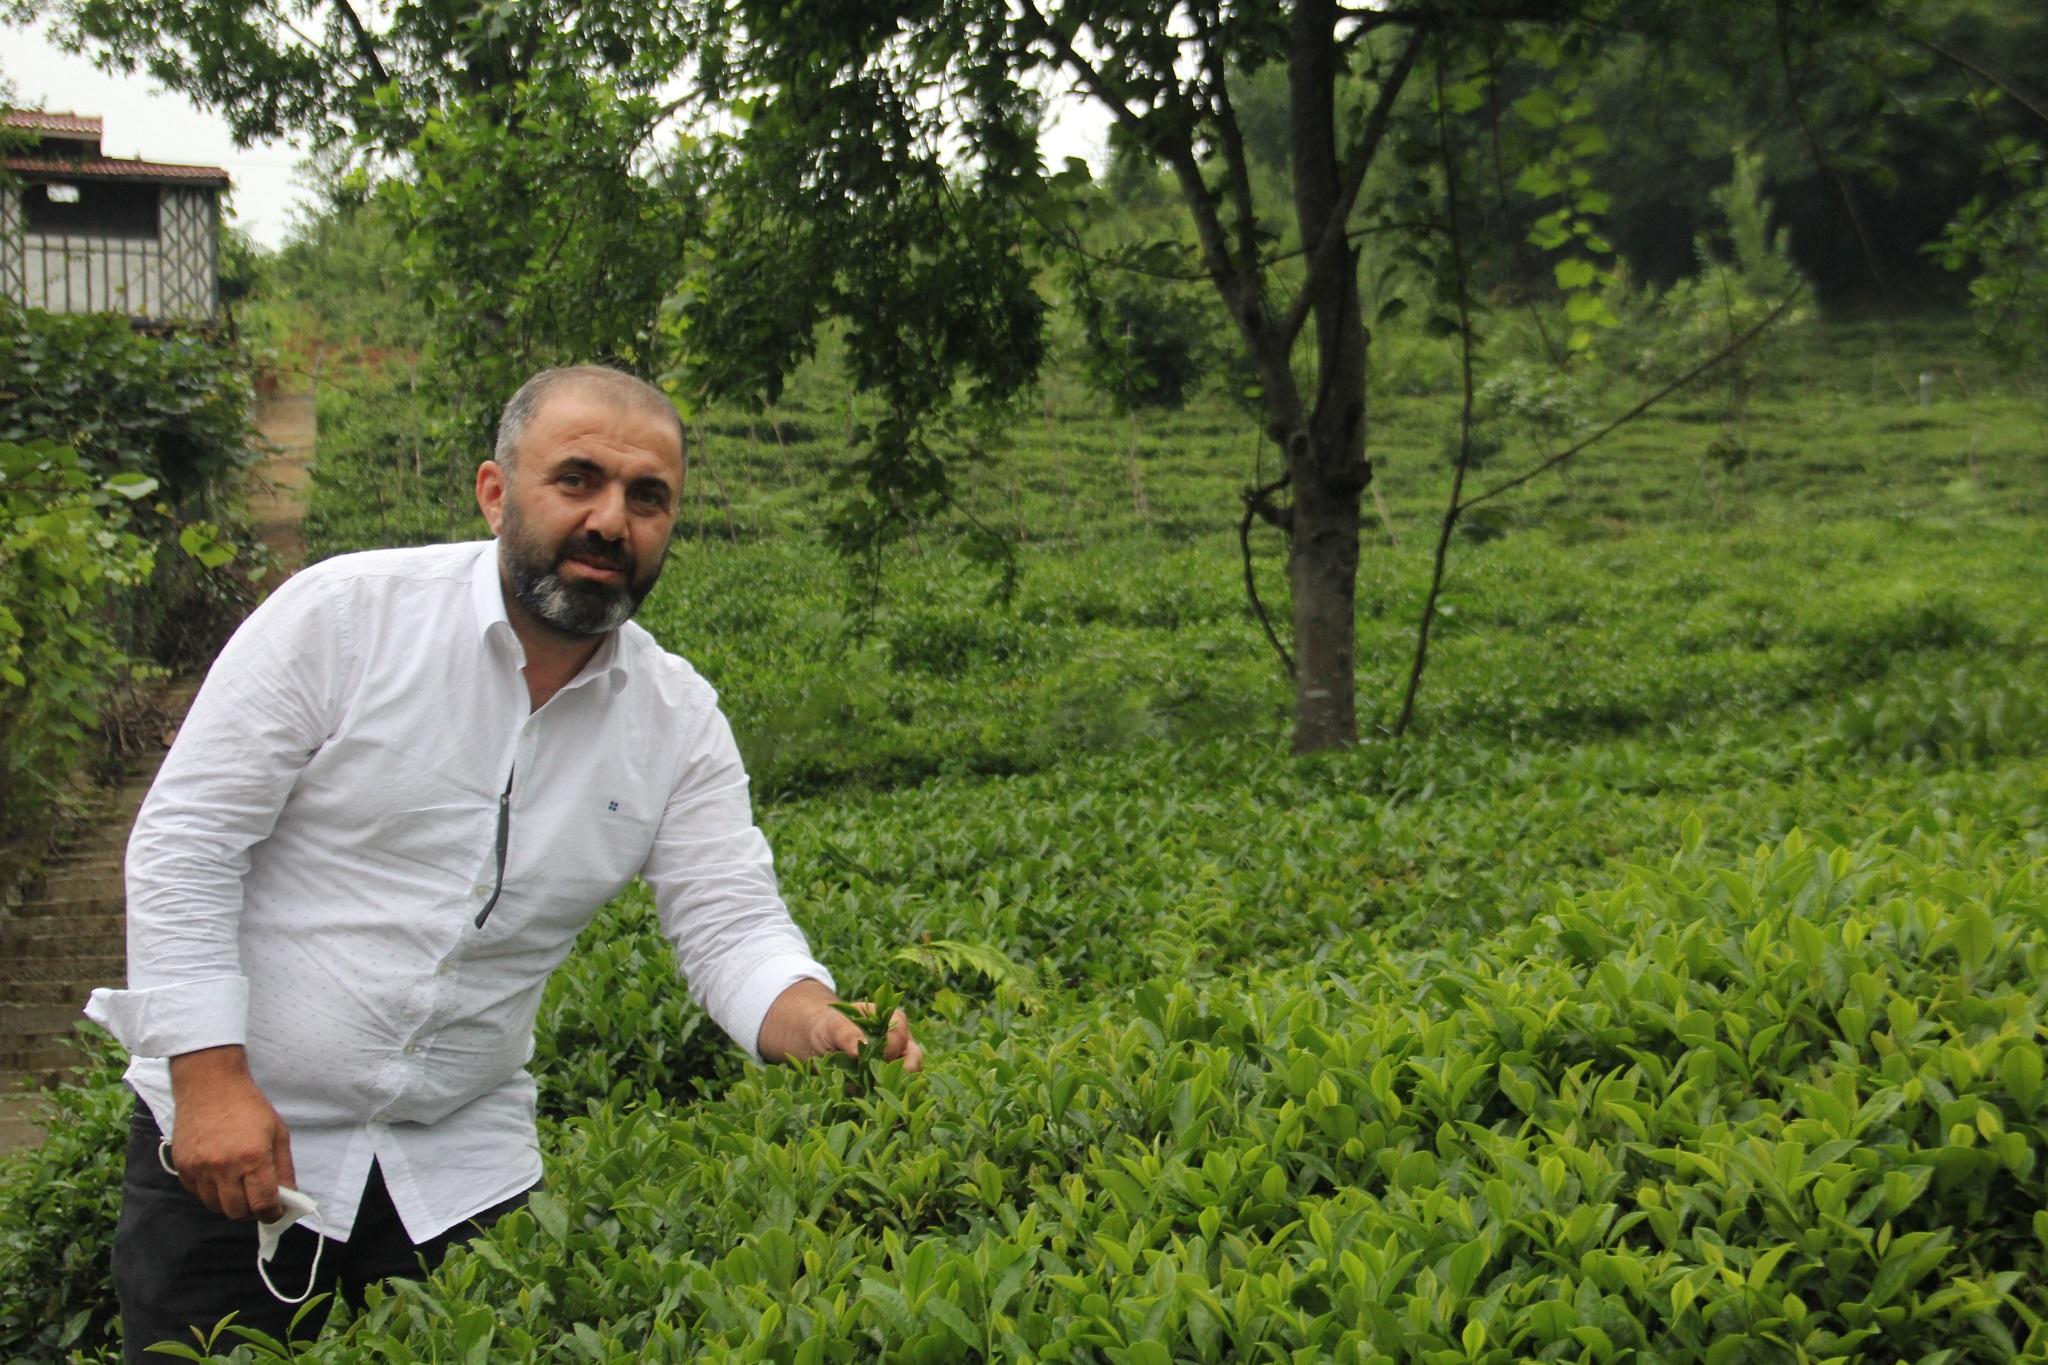 Çay da, üretici de, sanayici de sıkıntılı